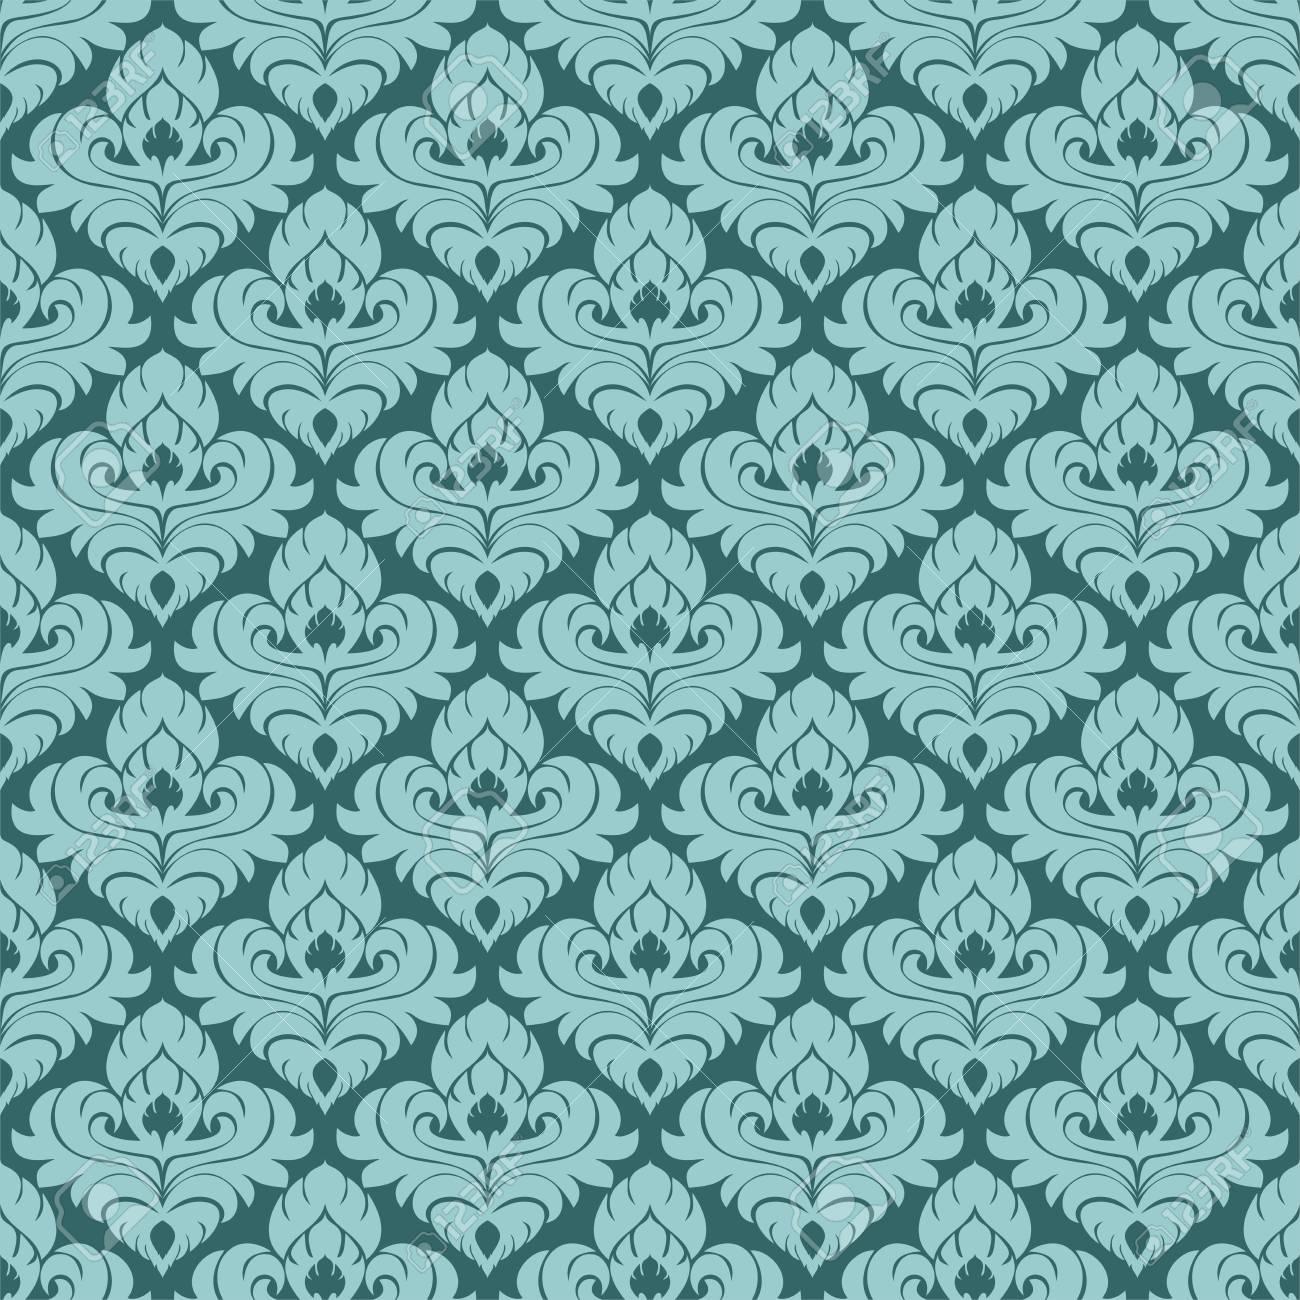 Damask seamlessl ornamental Wallpaper for design. - 97509667